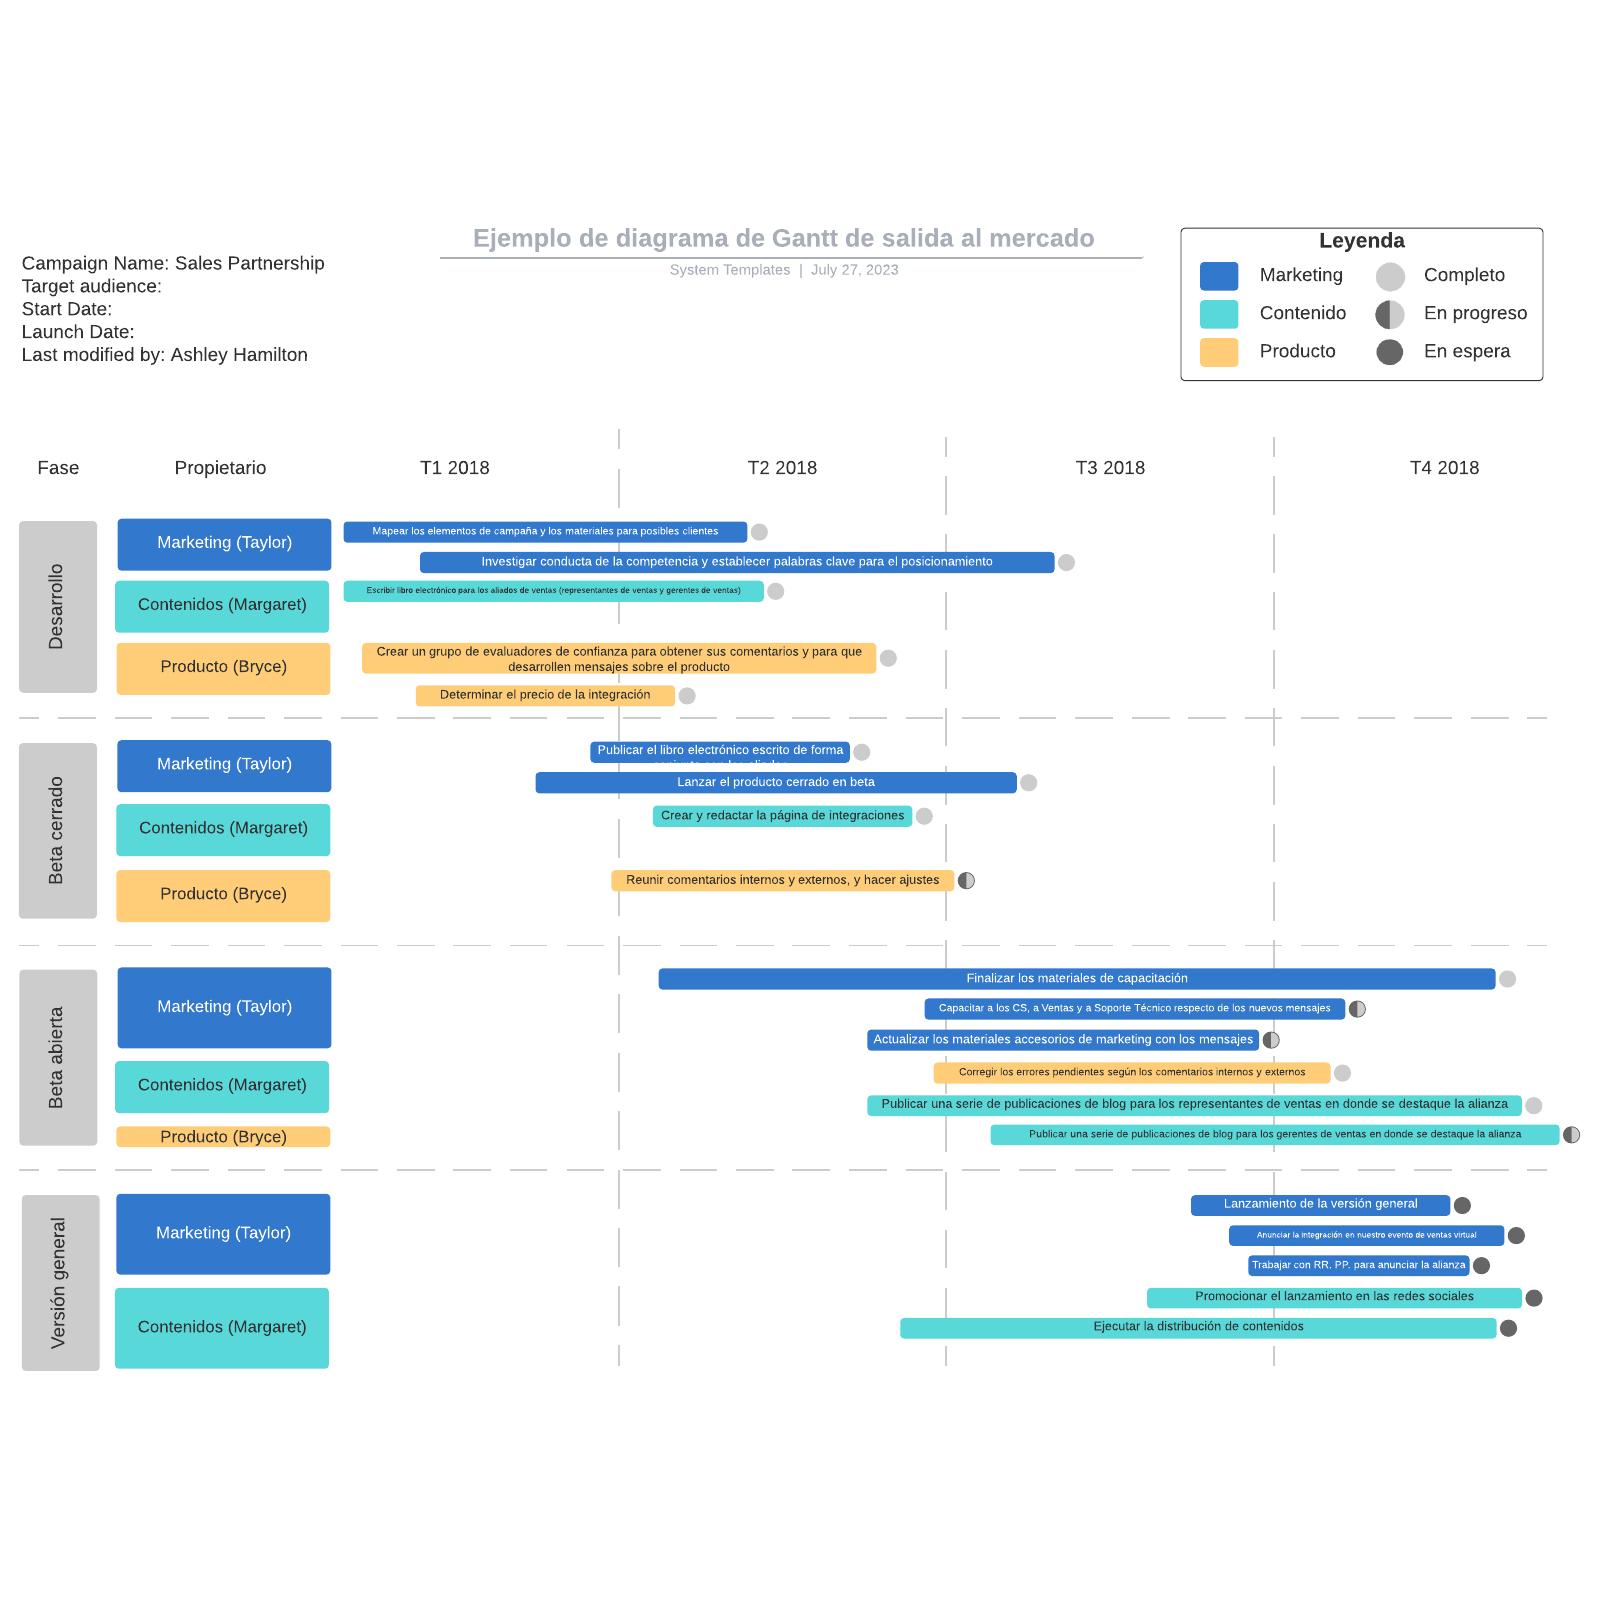 Ejemplo de diagrama de Gantt de salida al mercado